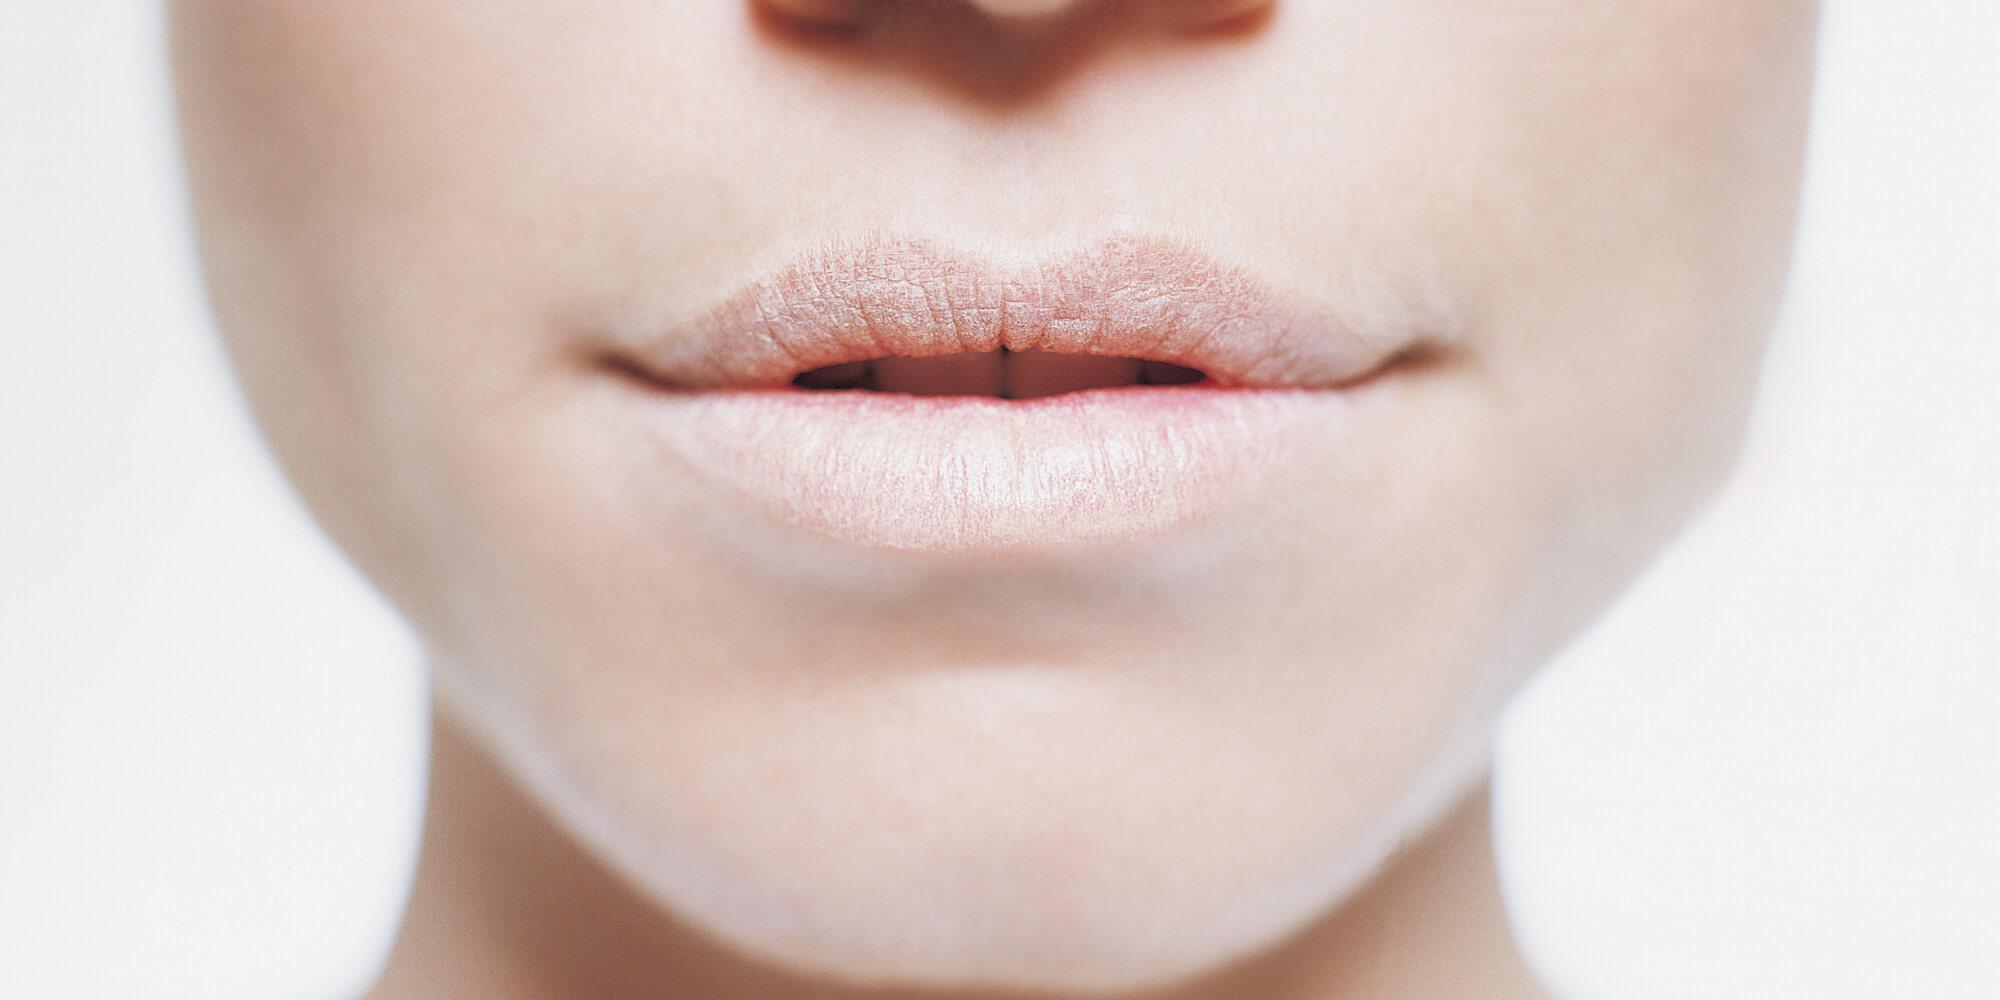 О чем свидетельствует сильная сухость во рту?